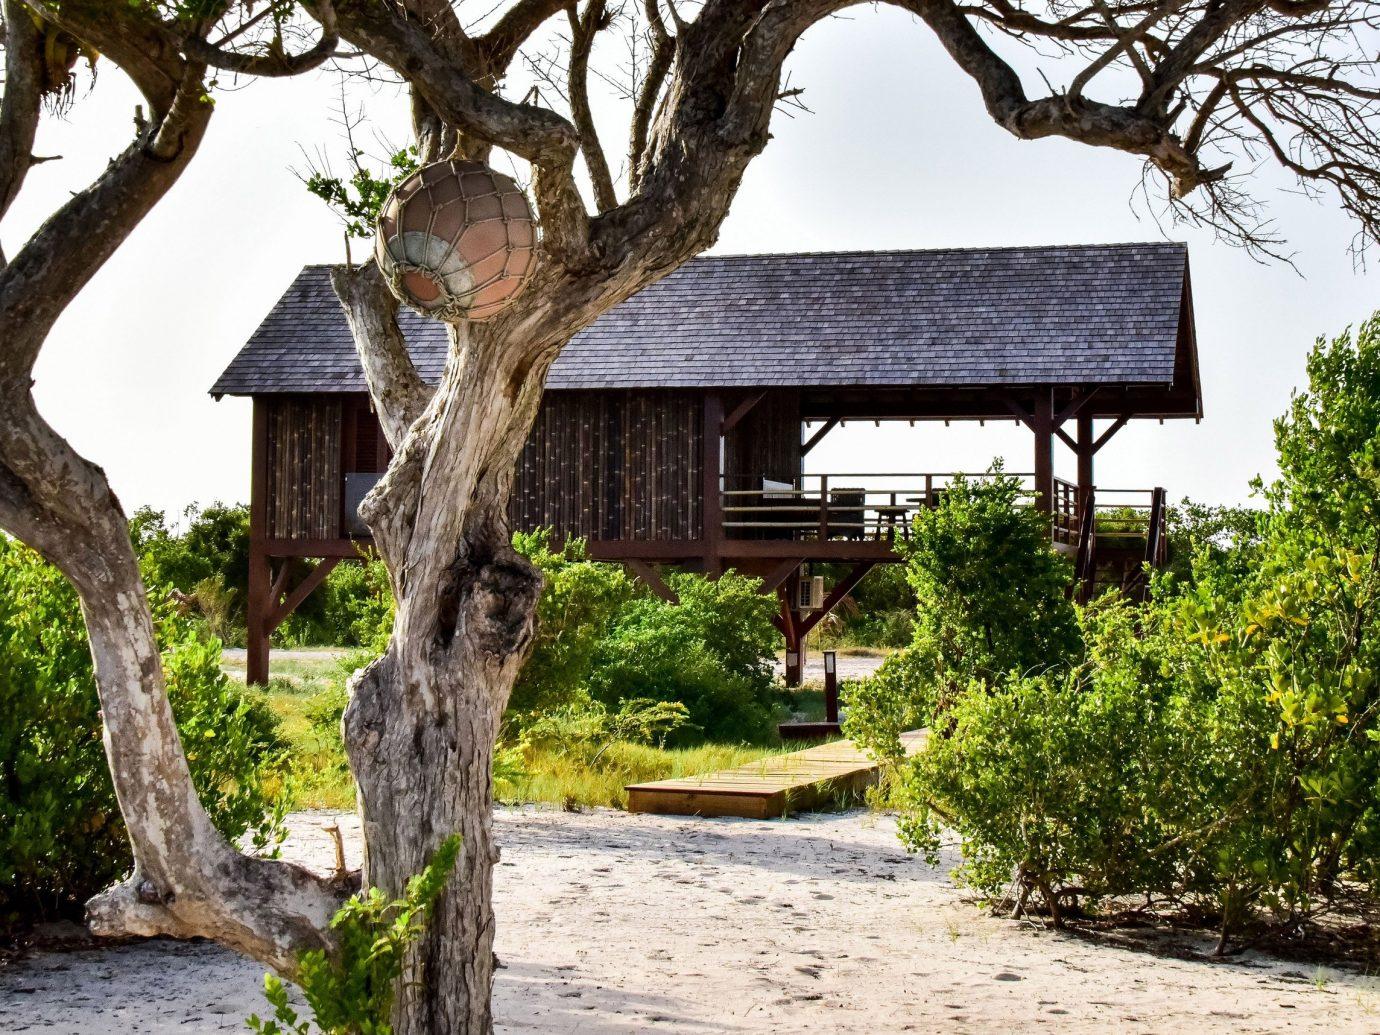 Hotels tree outdoor property shade house estate home Resort Villa park cottage Garden Village plant flower hacienda Courtyard